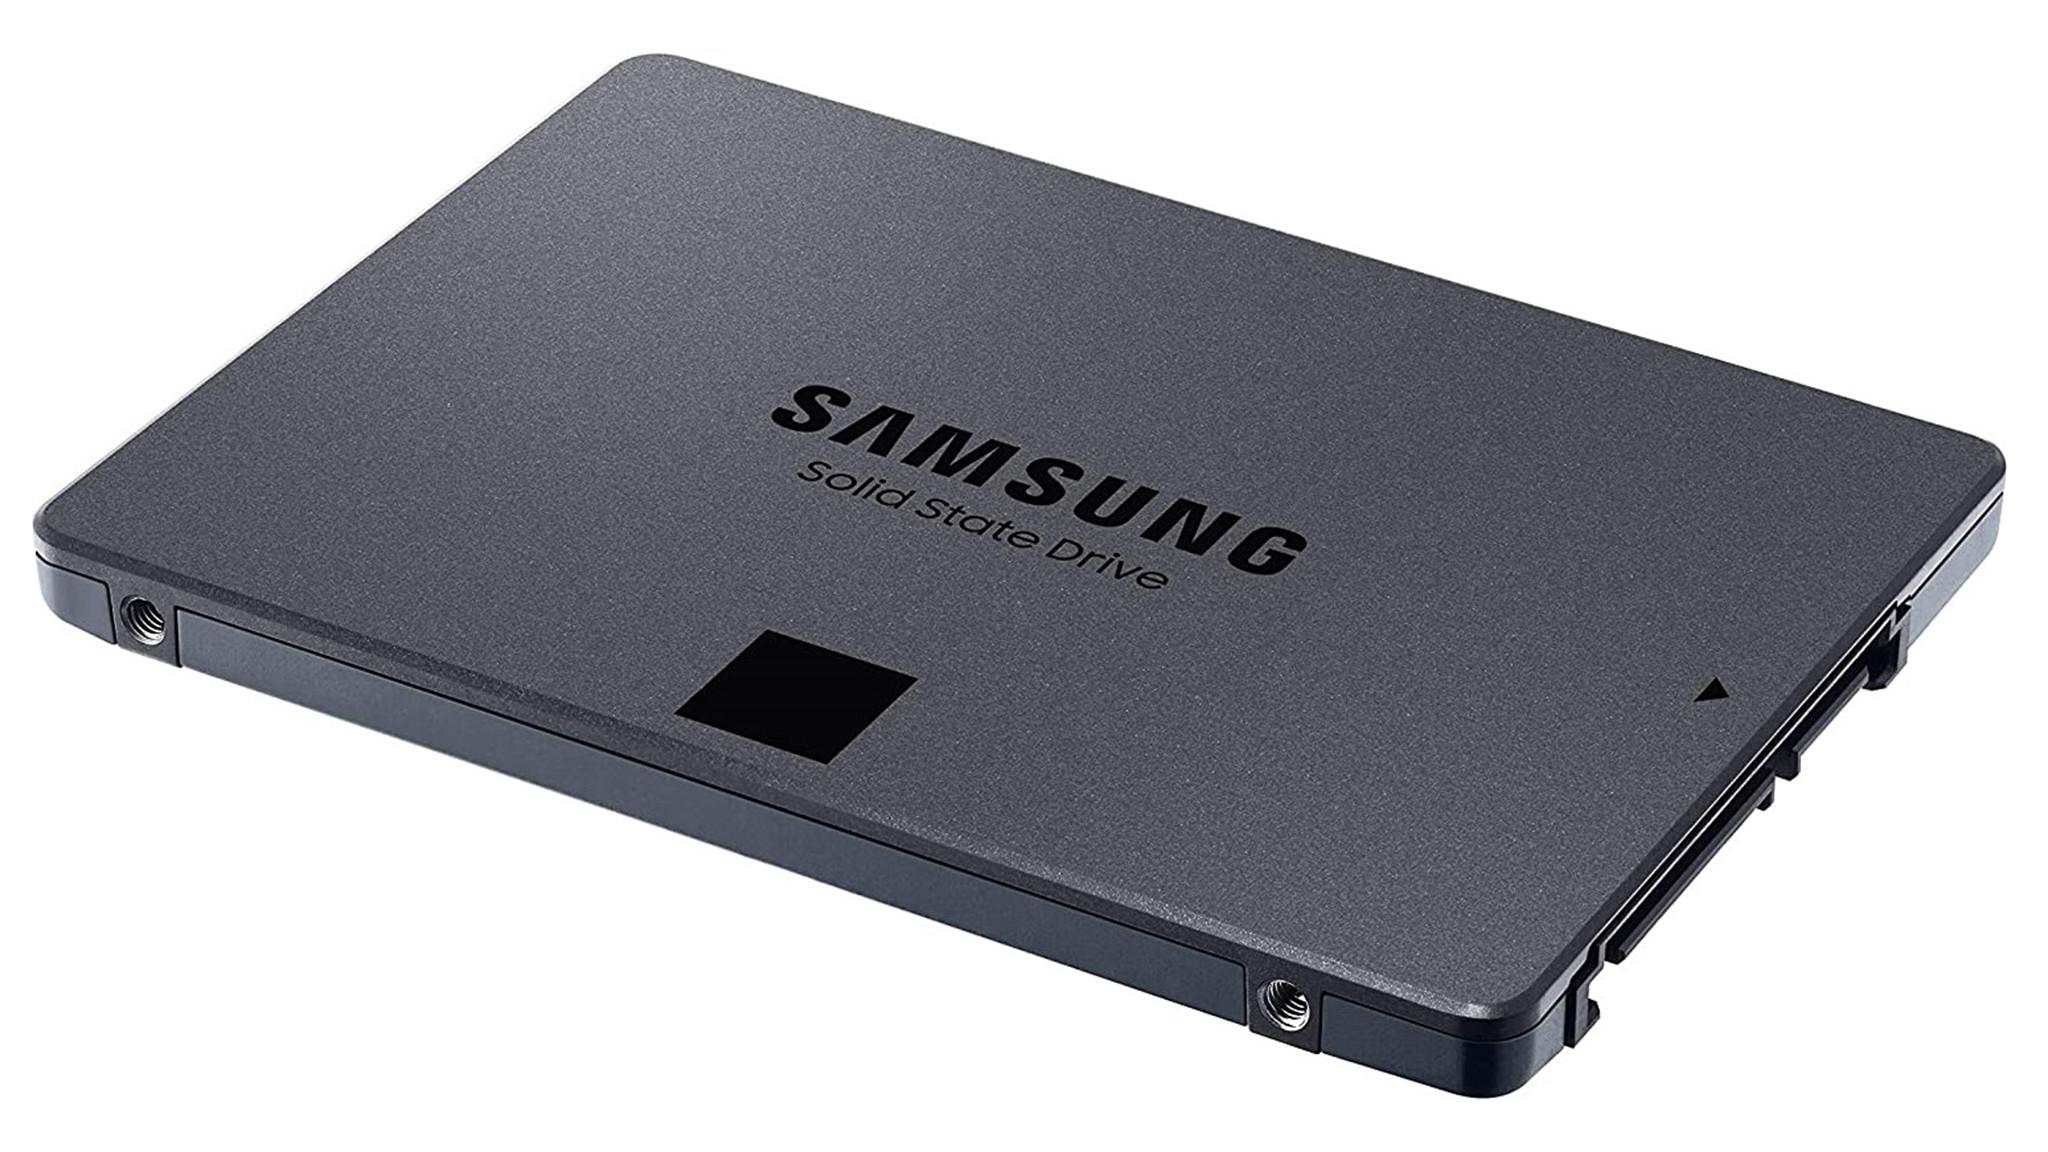 Samsung 870 QVO: Test©Samsung